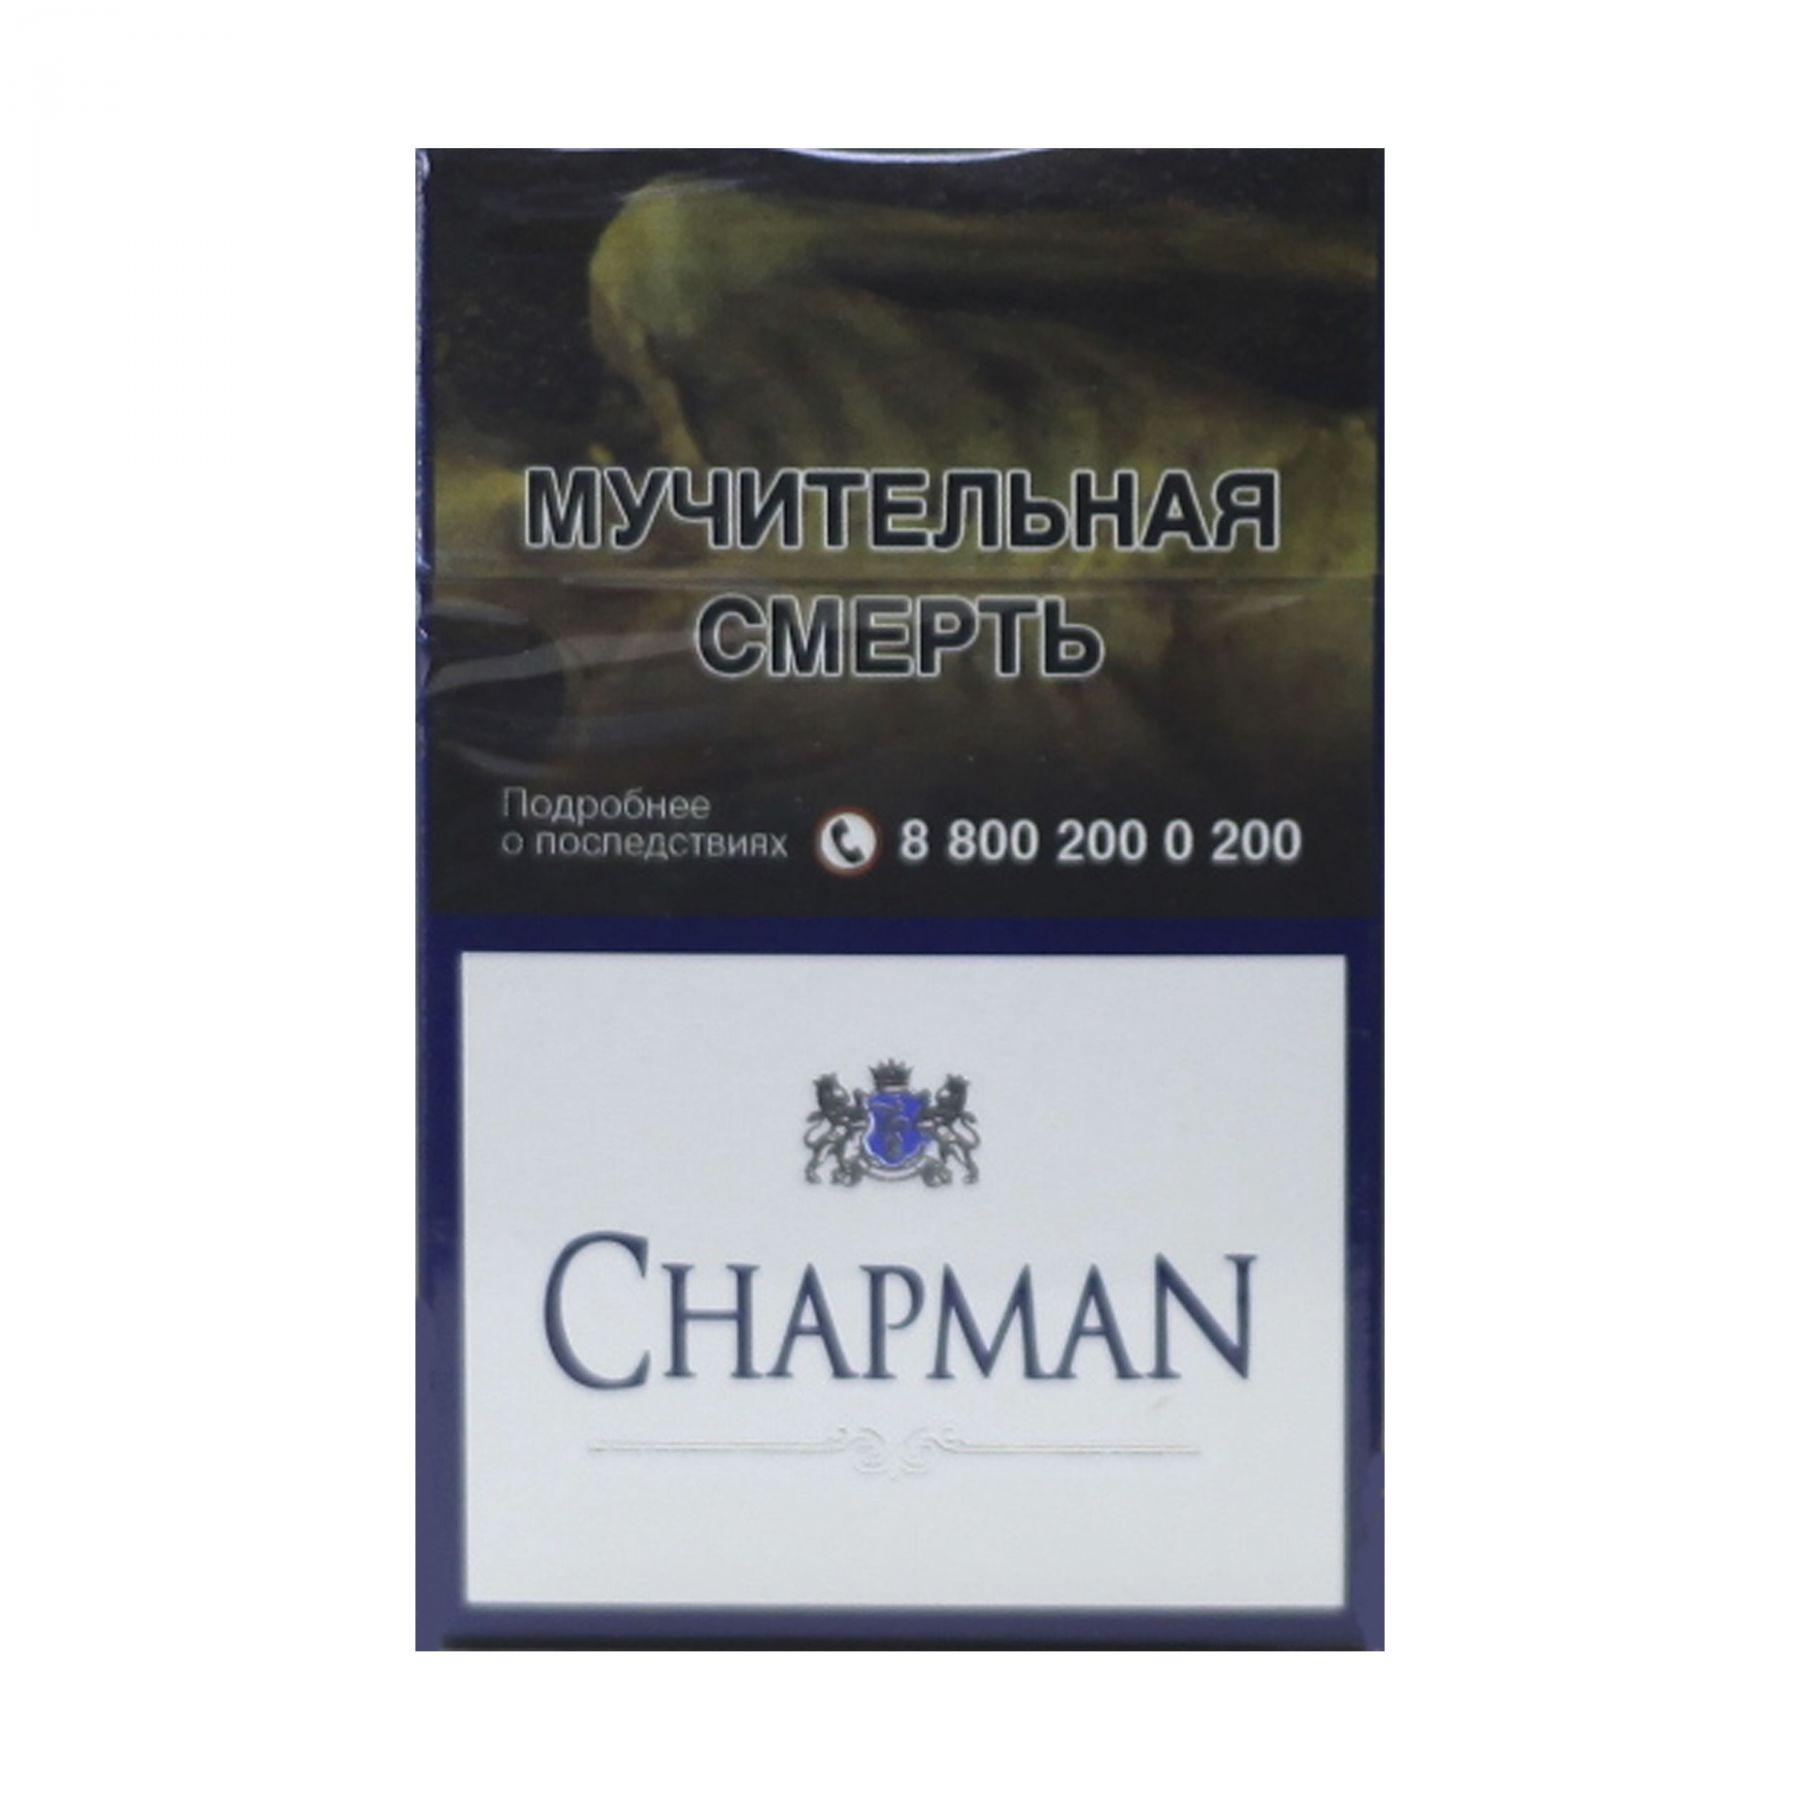 Chapman blue сигареты купить электронные сигареты никотин купить